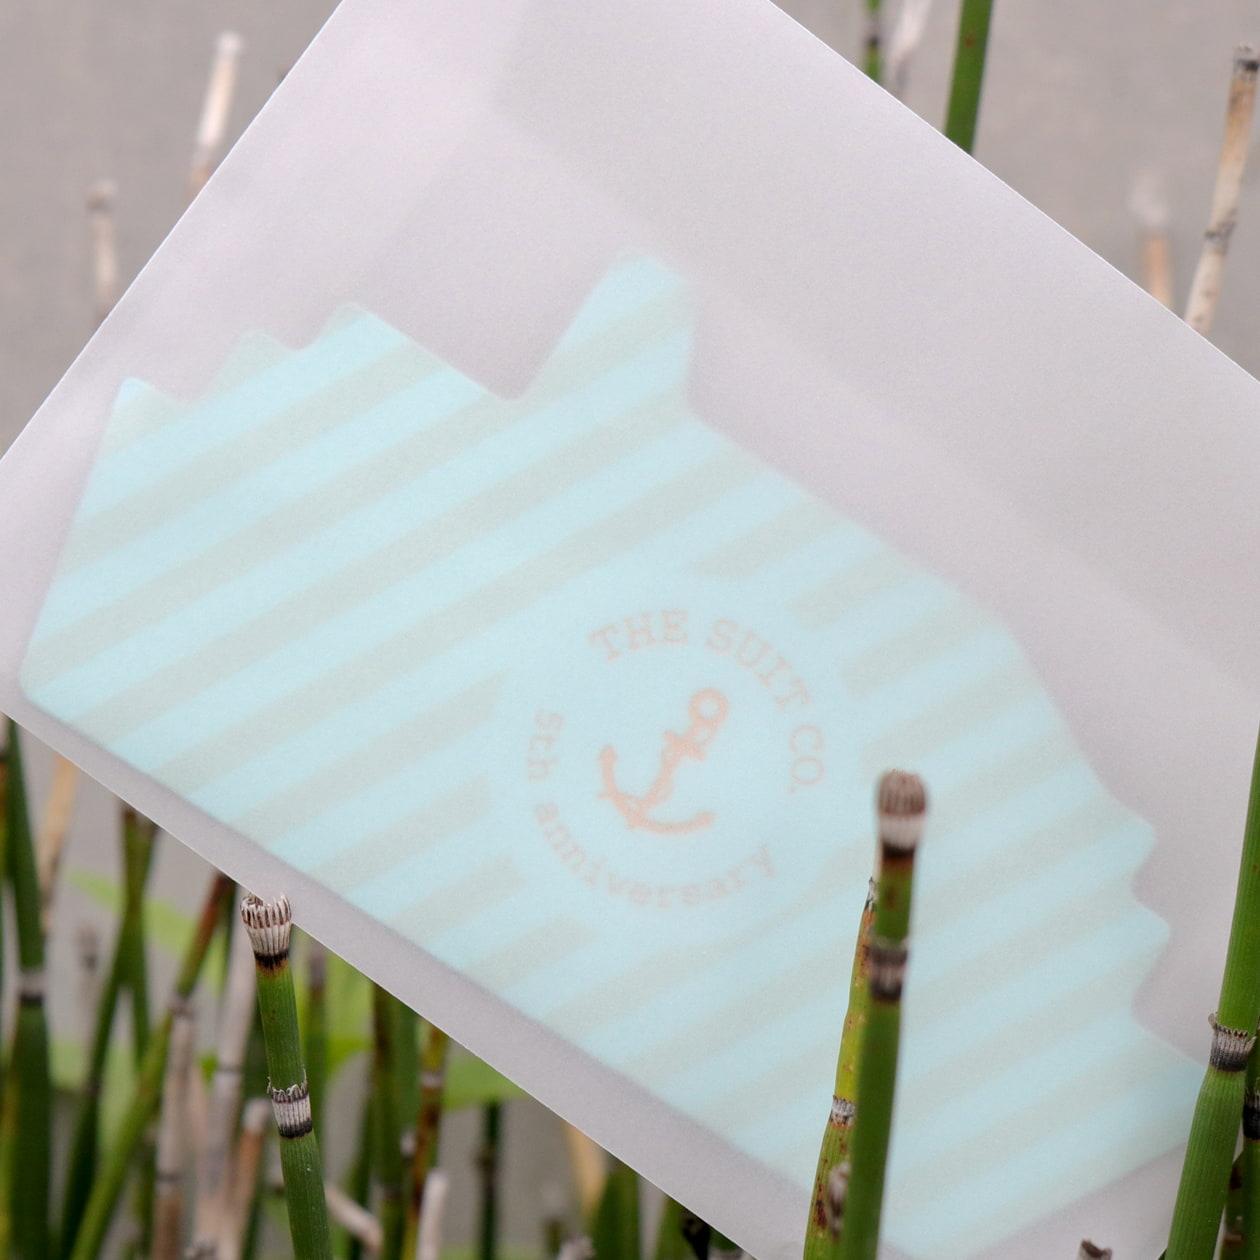 合紙カード+ダイカット加工の招待状